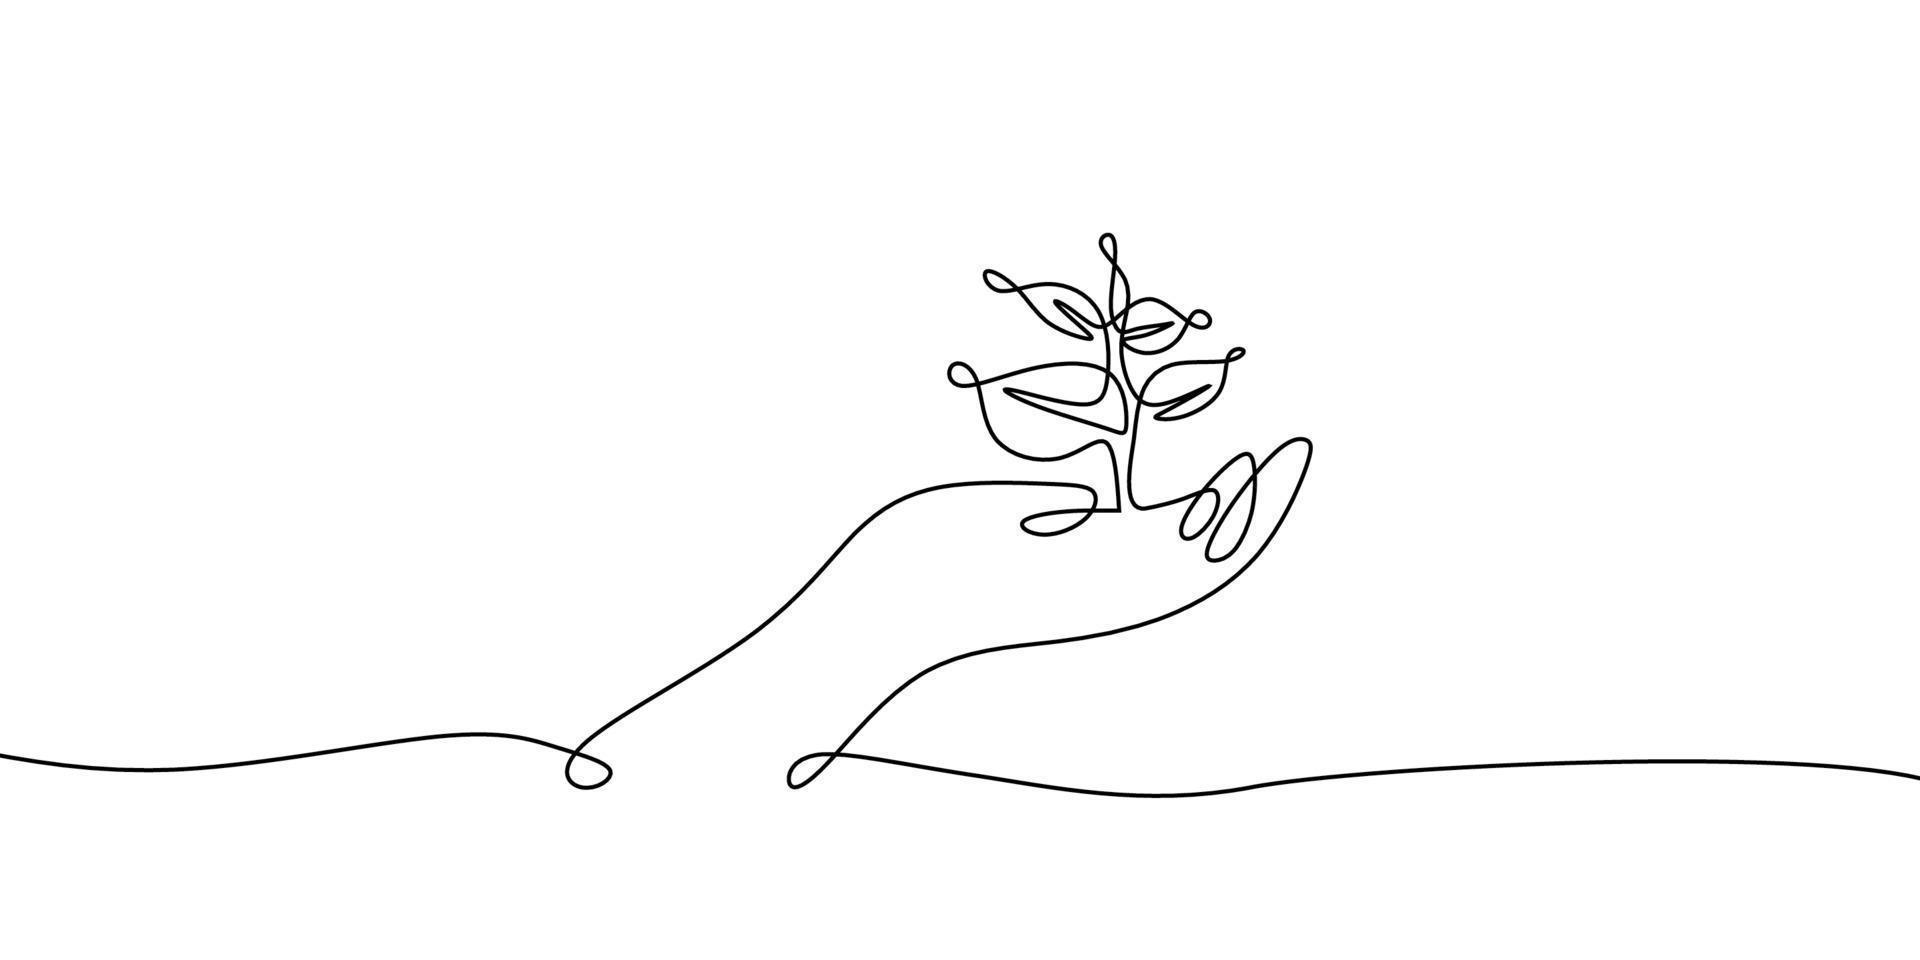 desenho de uma linha contínua do tema de volta à natureza com a mão segurando uma planta. conceito de crescer e amar a terra. vetor